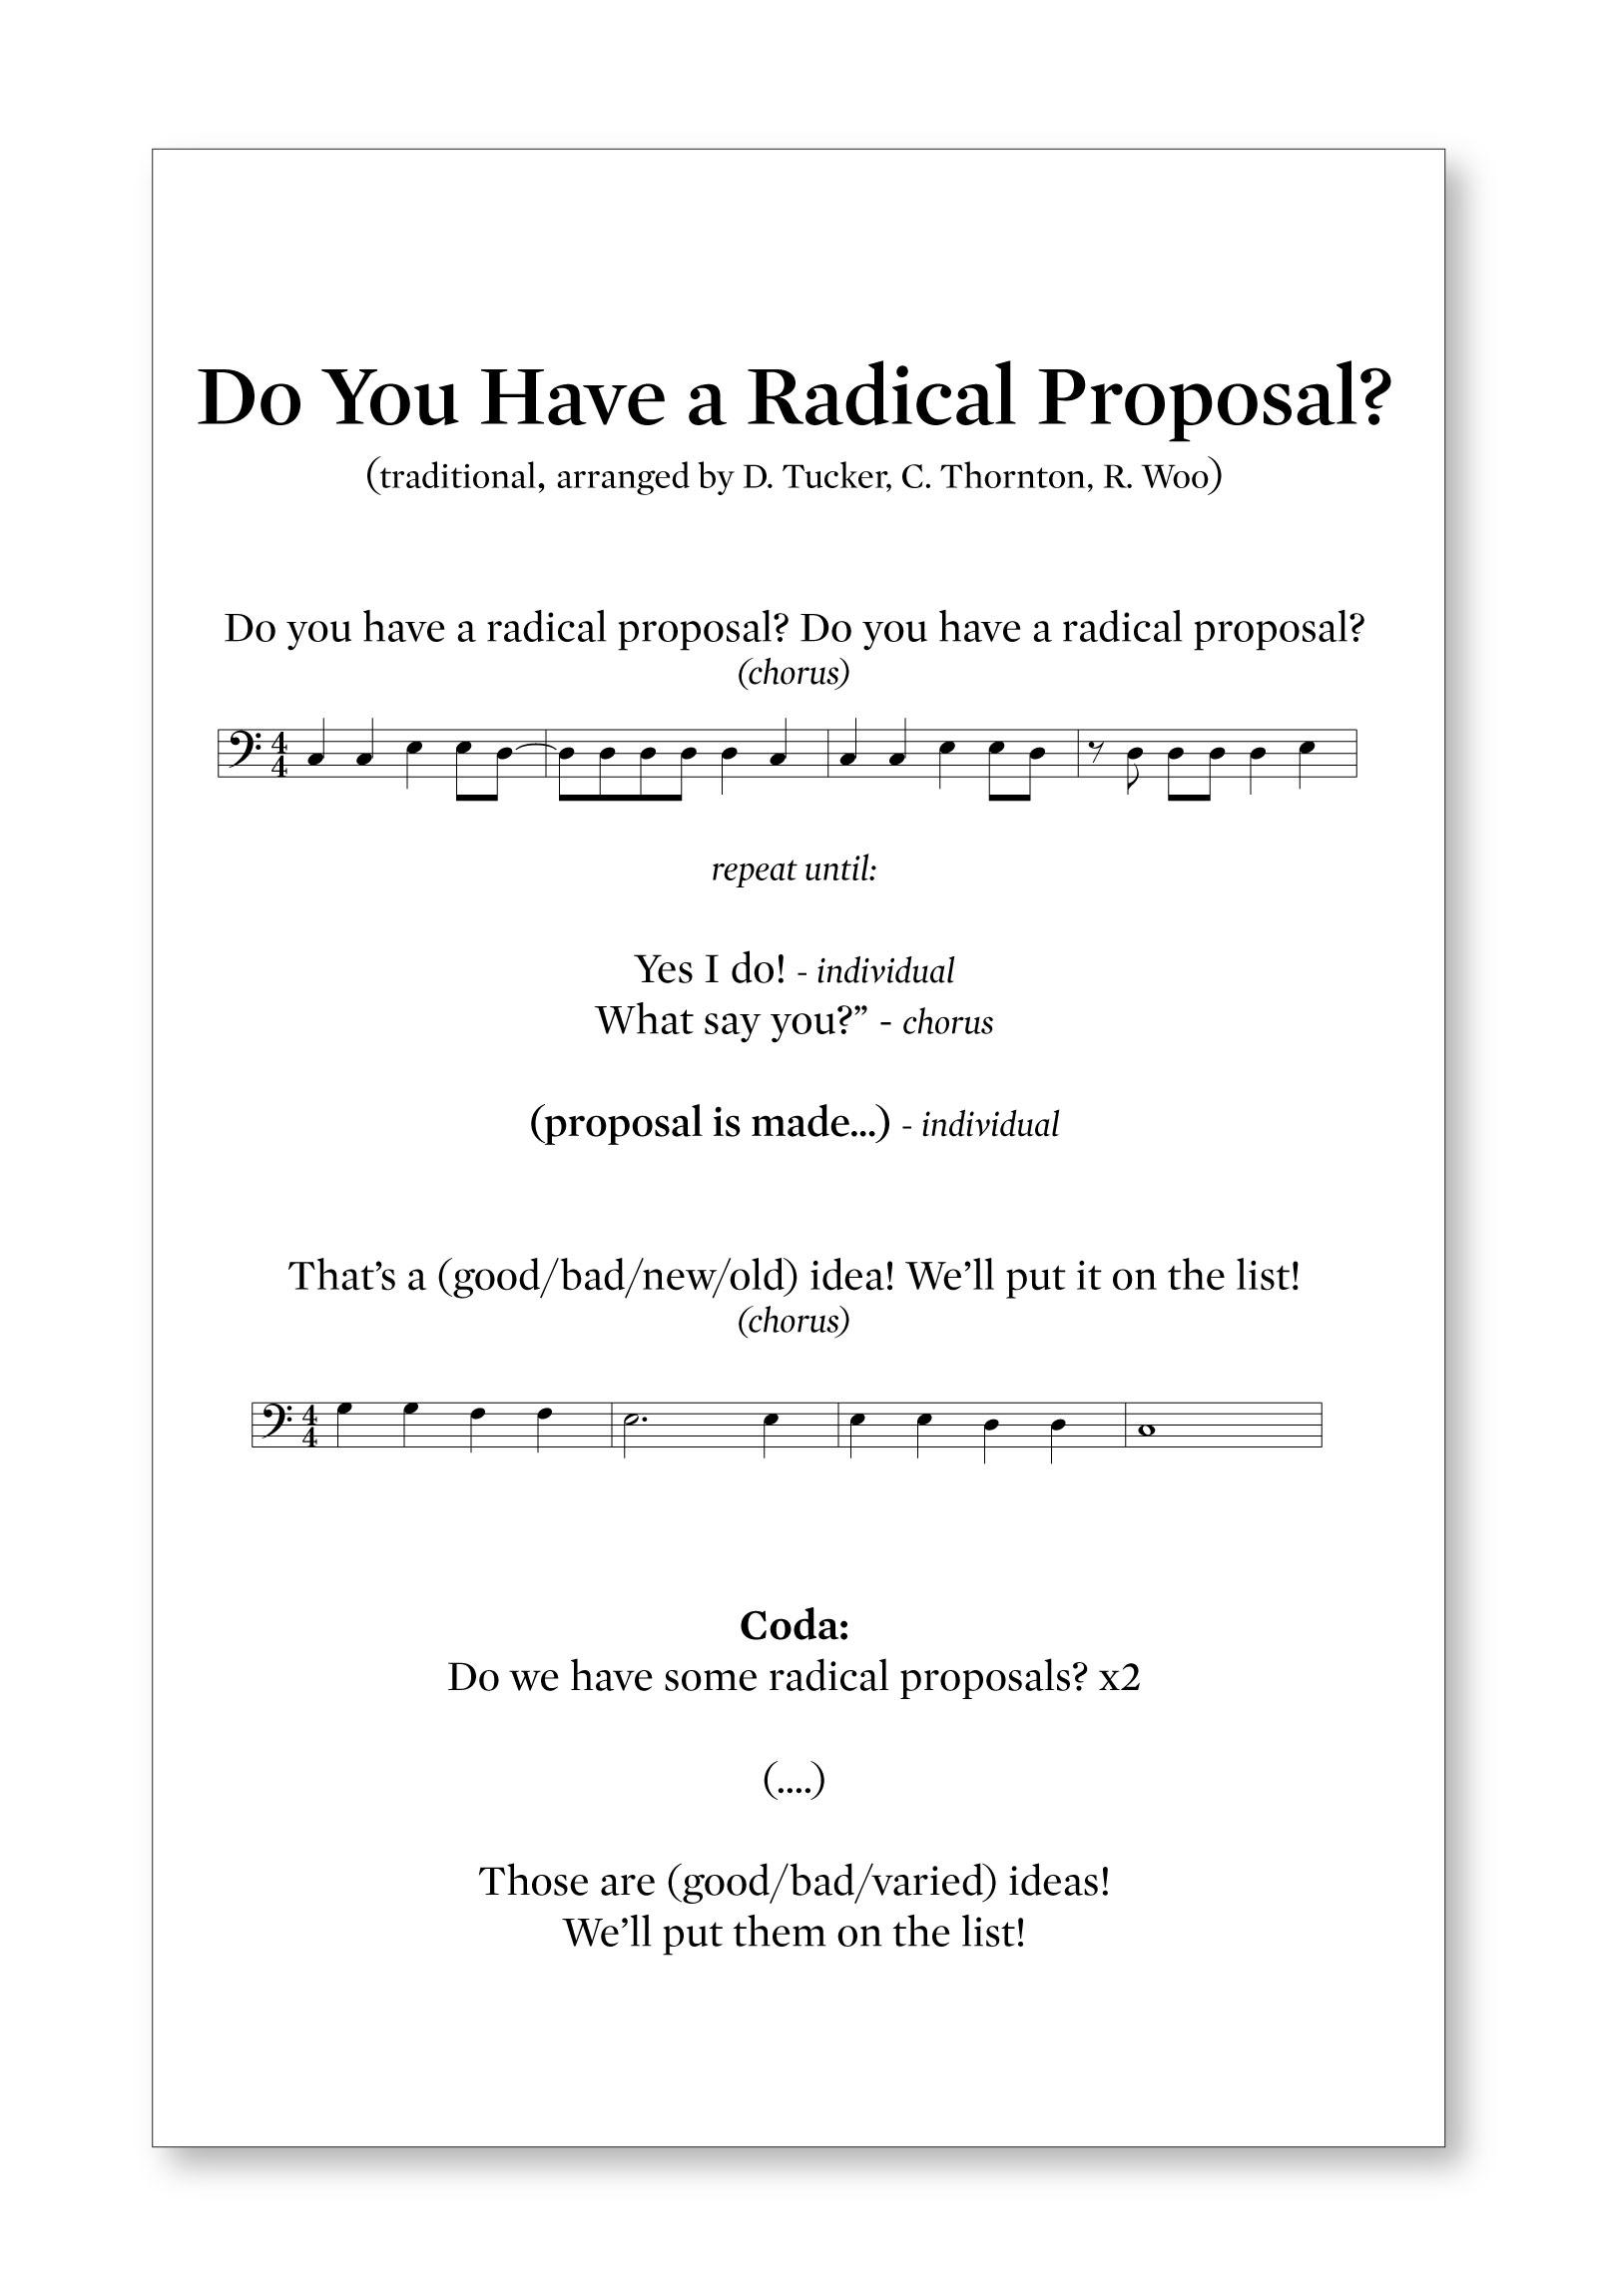 radicalproposal